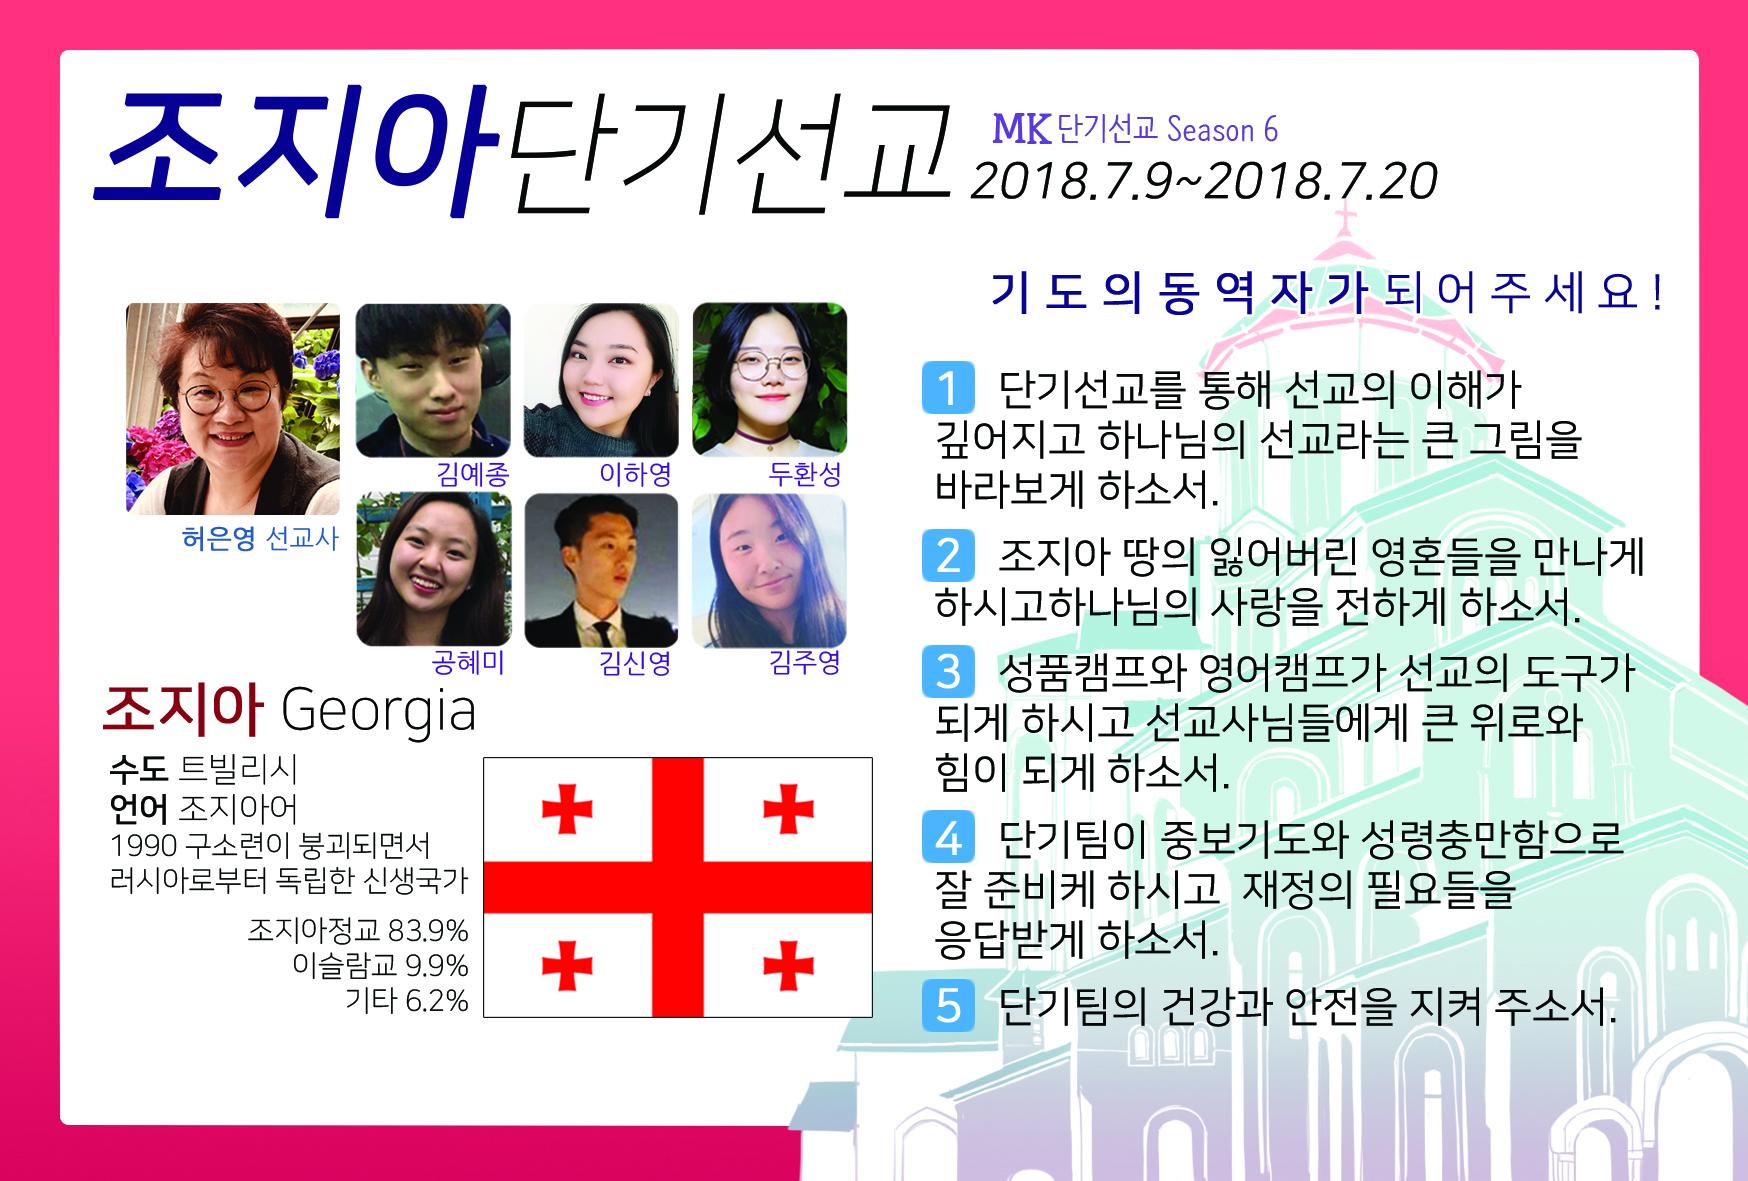 조지아 기도카드(보라수정).jpg